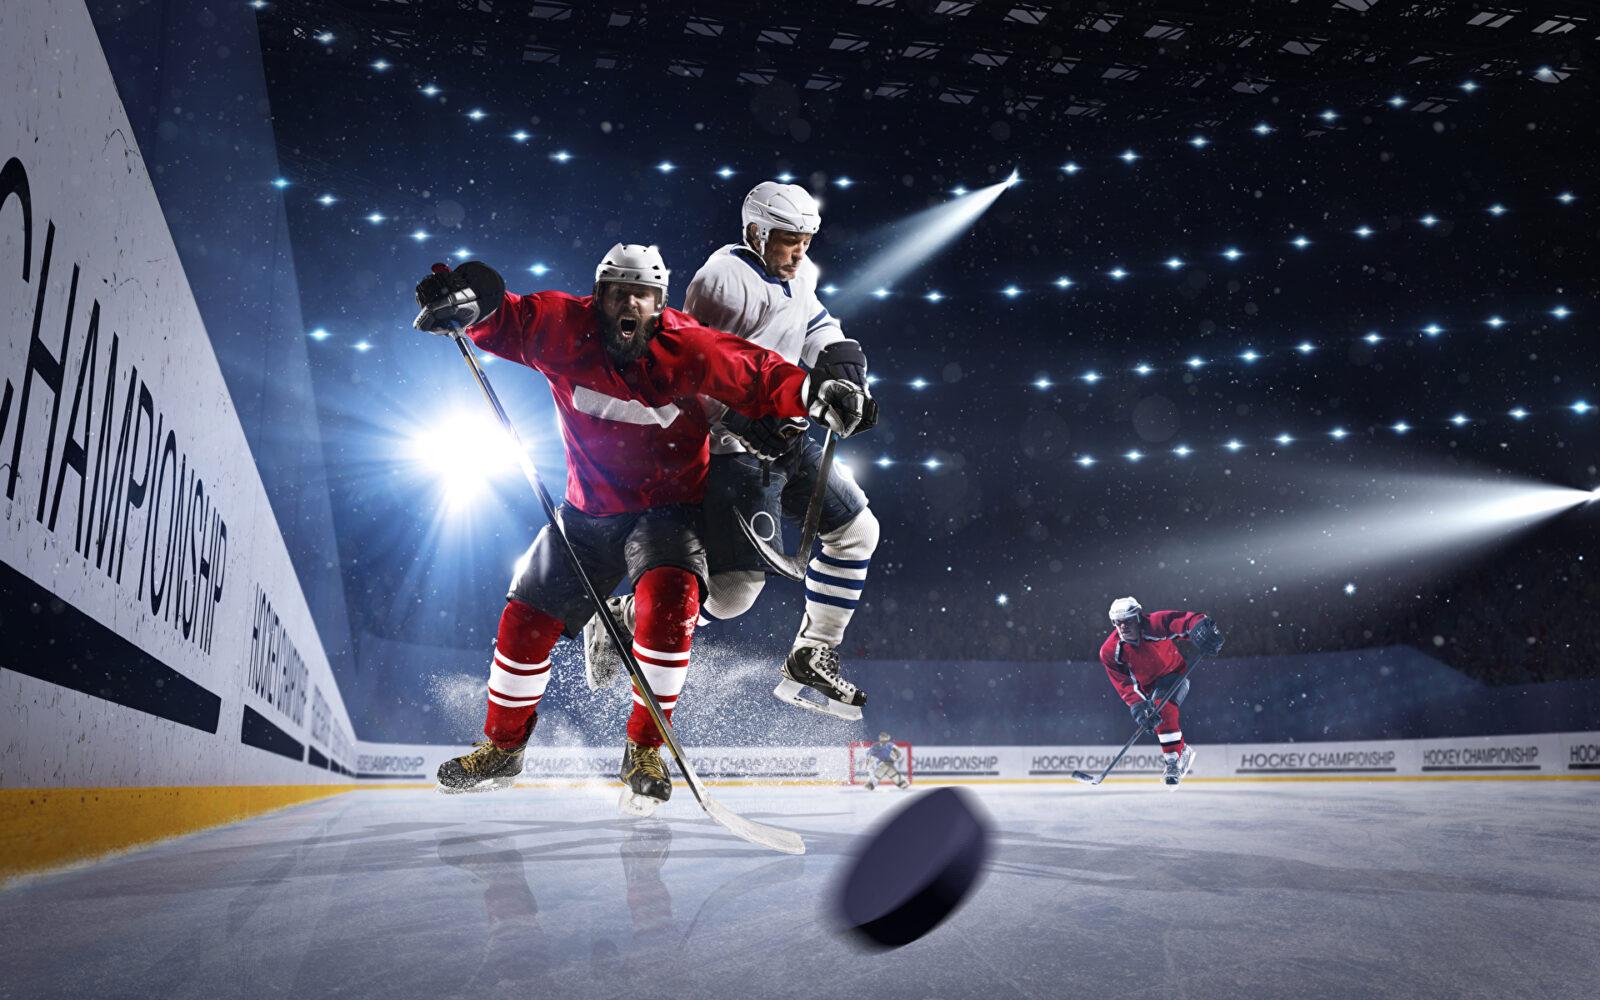 Хоккеисты из Тверской области завоевали бронзу XIX зимних Сурдлимпийских игр